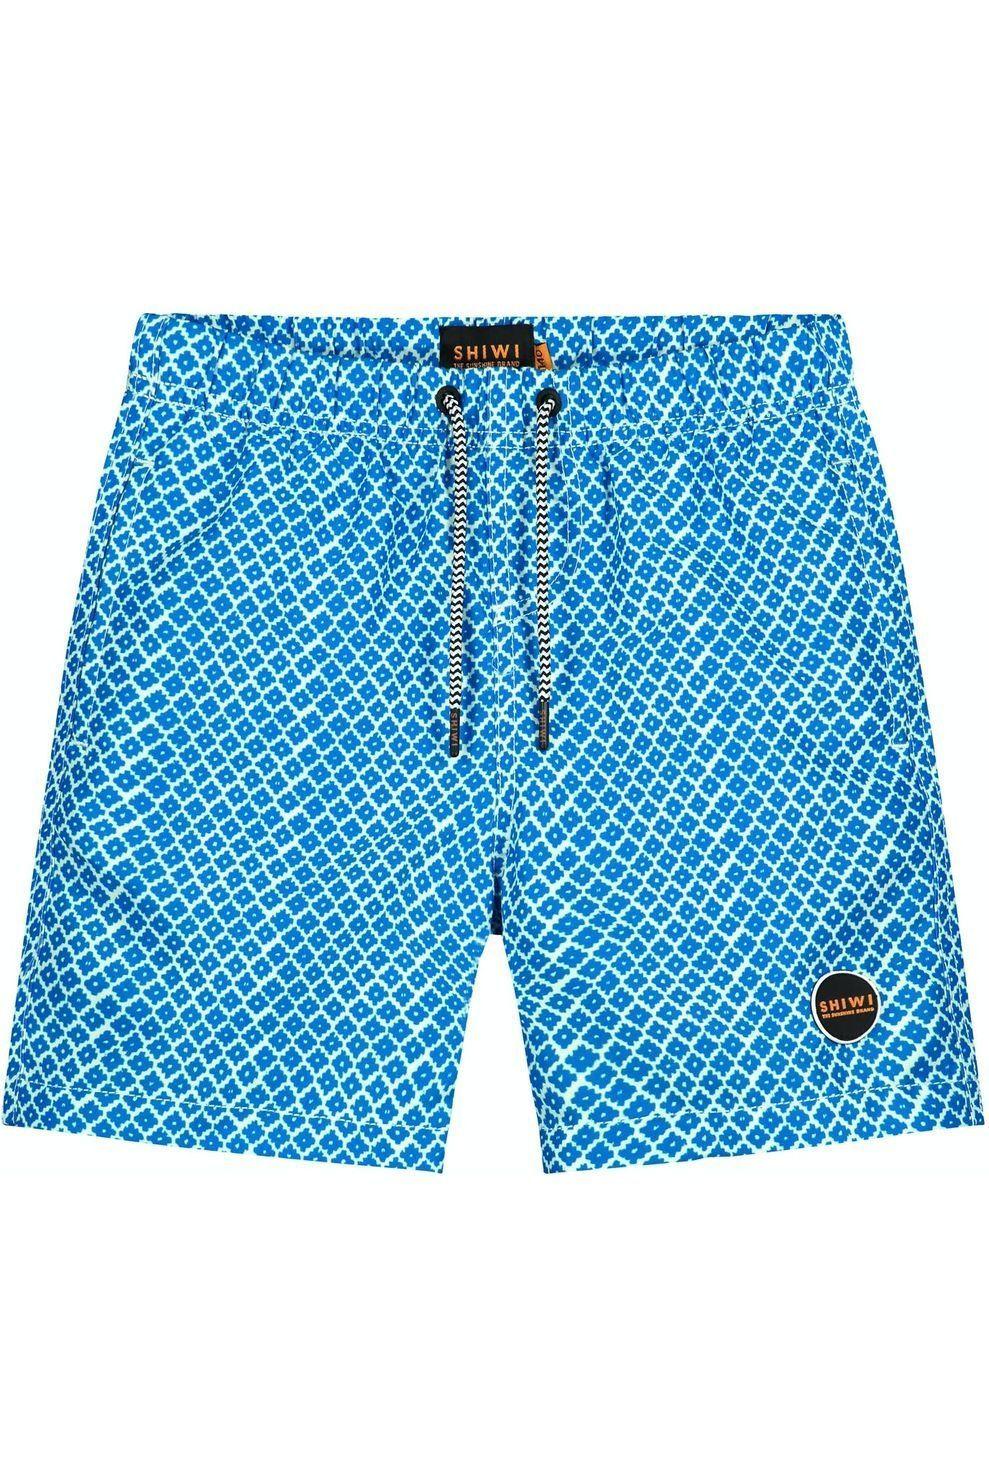 Shiwi Zwemshort Mosaic voor jongens - Blauw/ Gemengd - Maten: 128, 140, 152, 164, 176